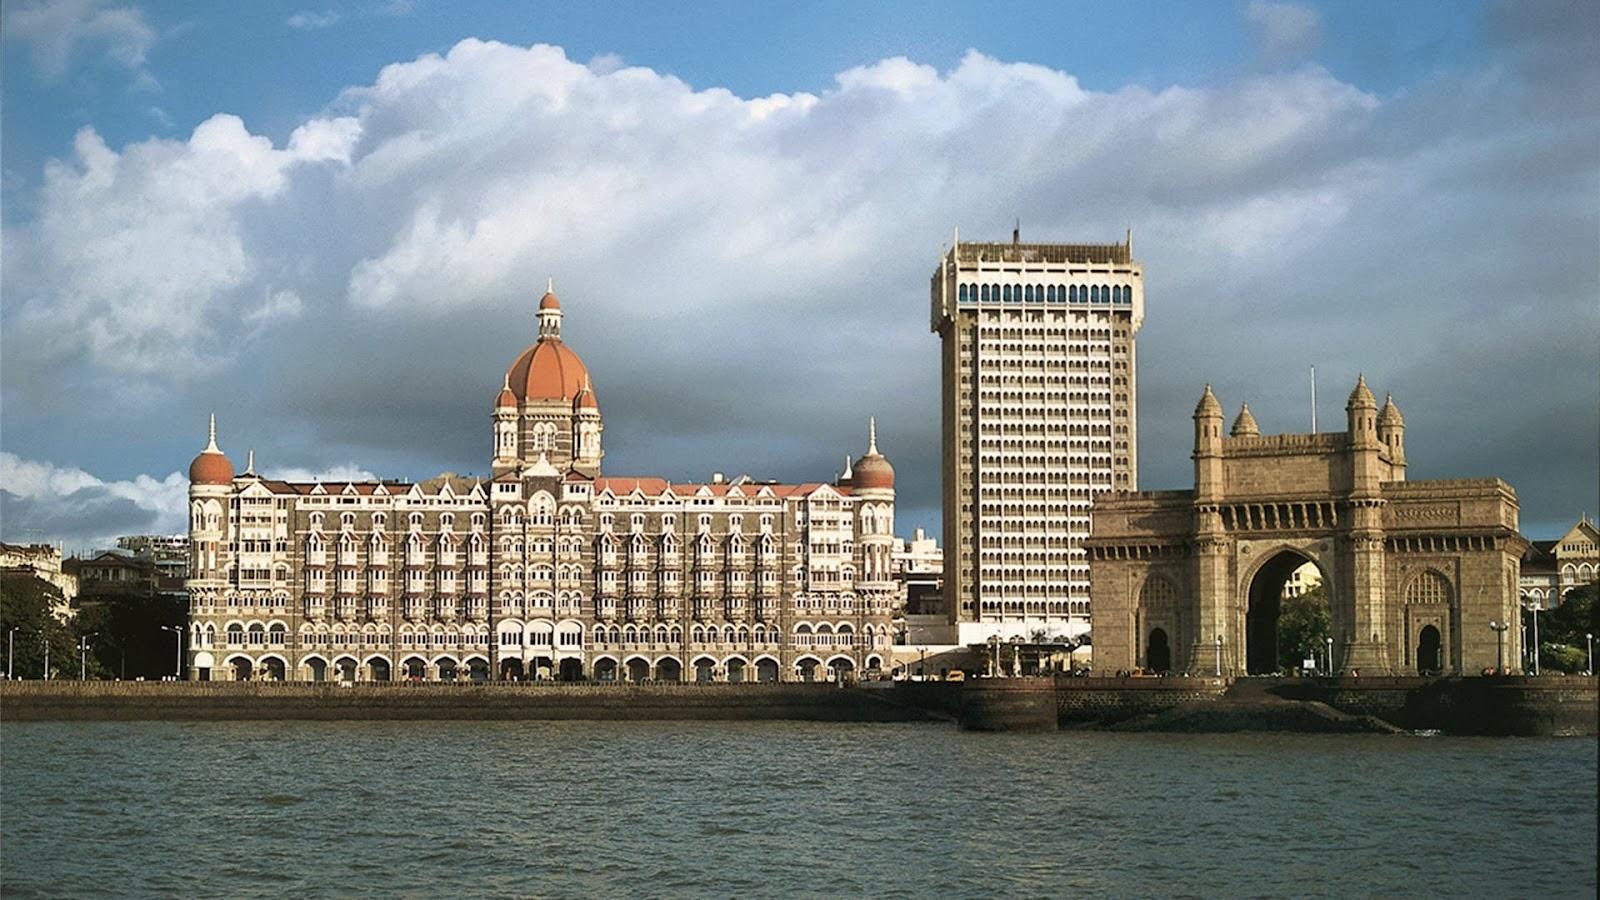 Hd wallpaper indian - The Taj Mahal Hotel Mumbai Hd Wallpapers